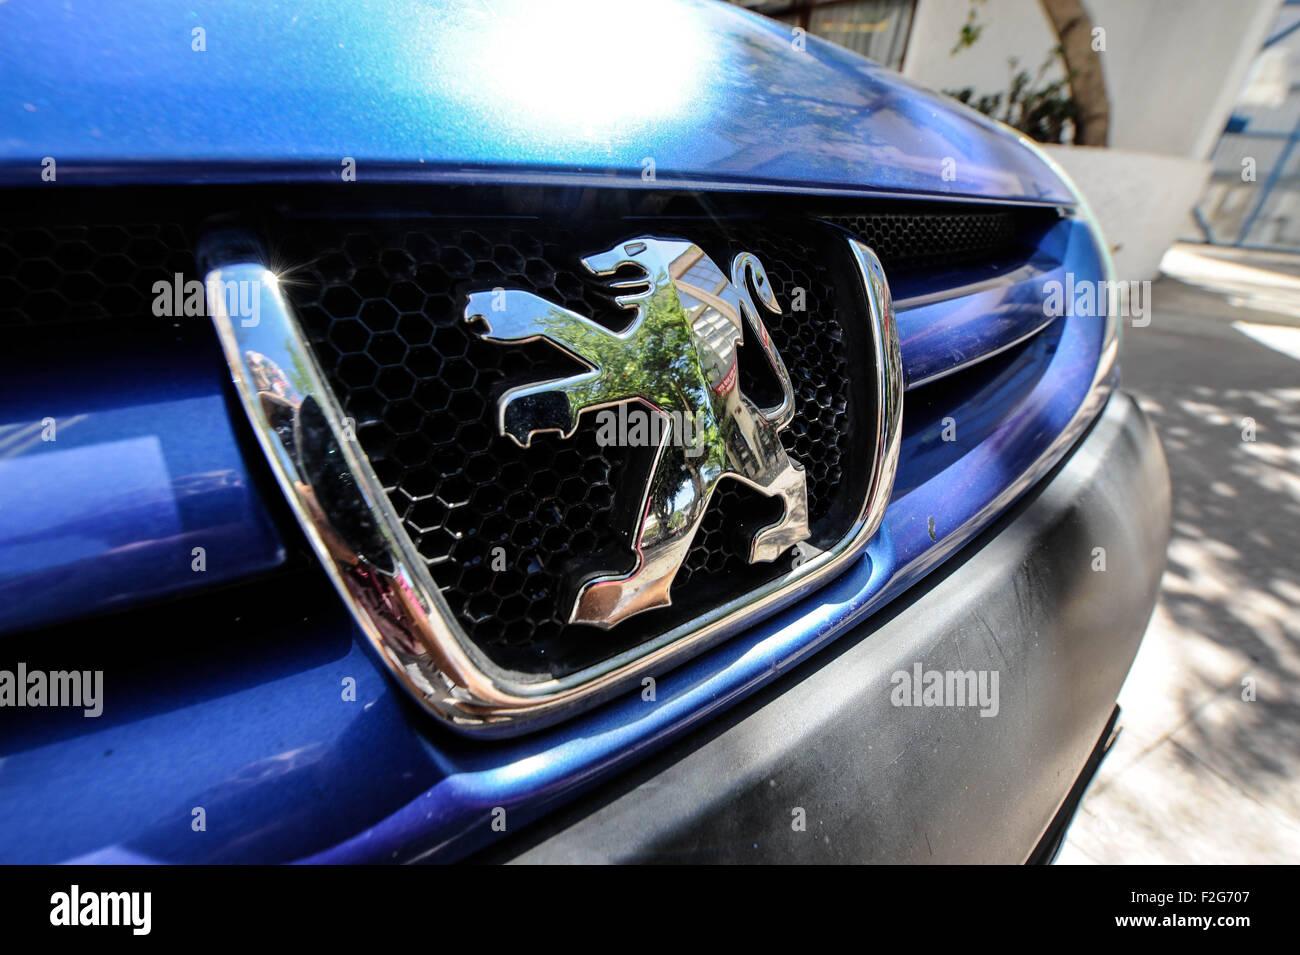 Automobile Peugeot- automóvil Peugeot - Stock Image